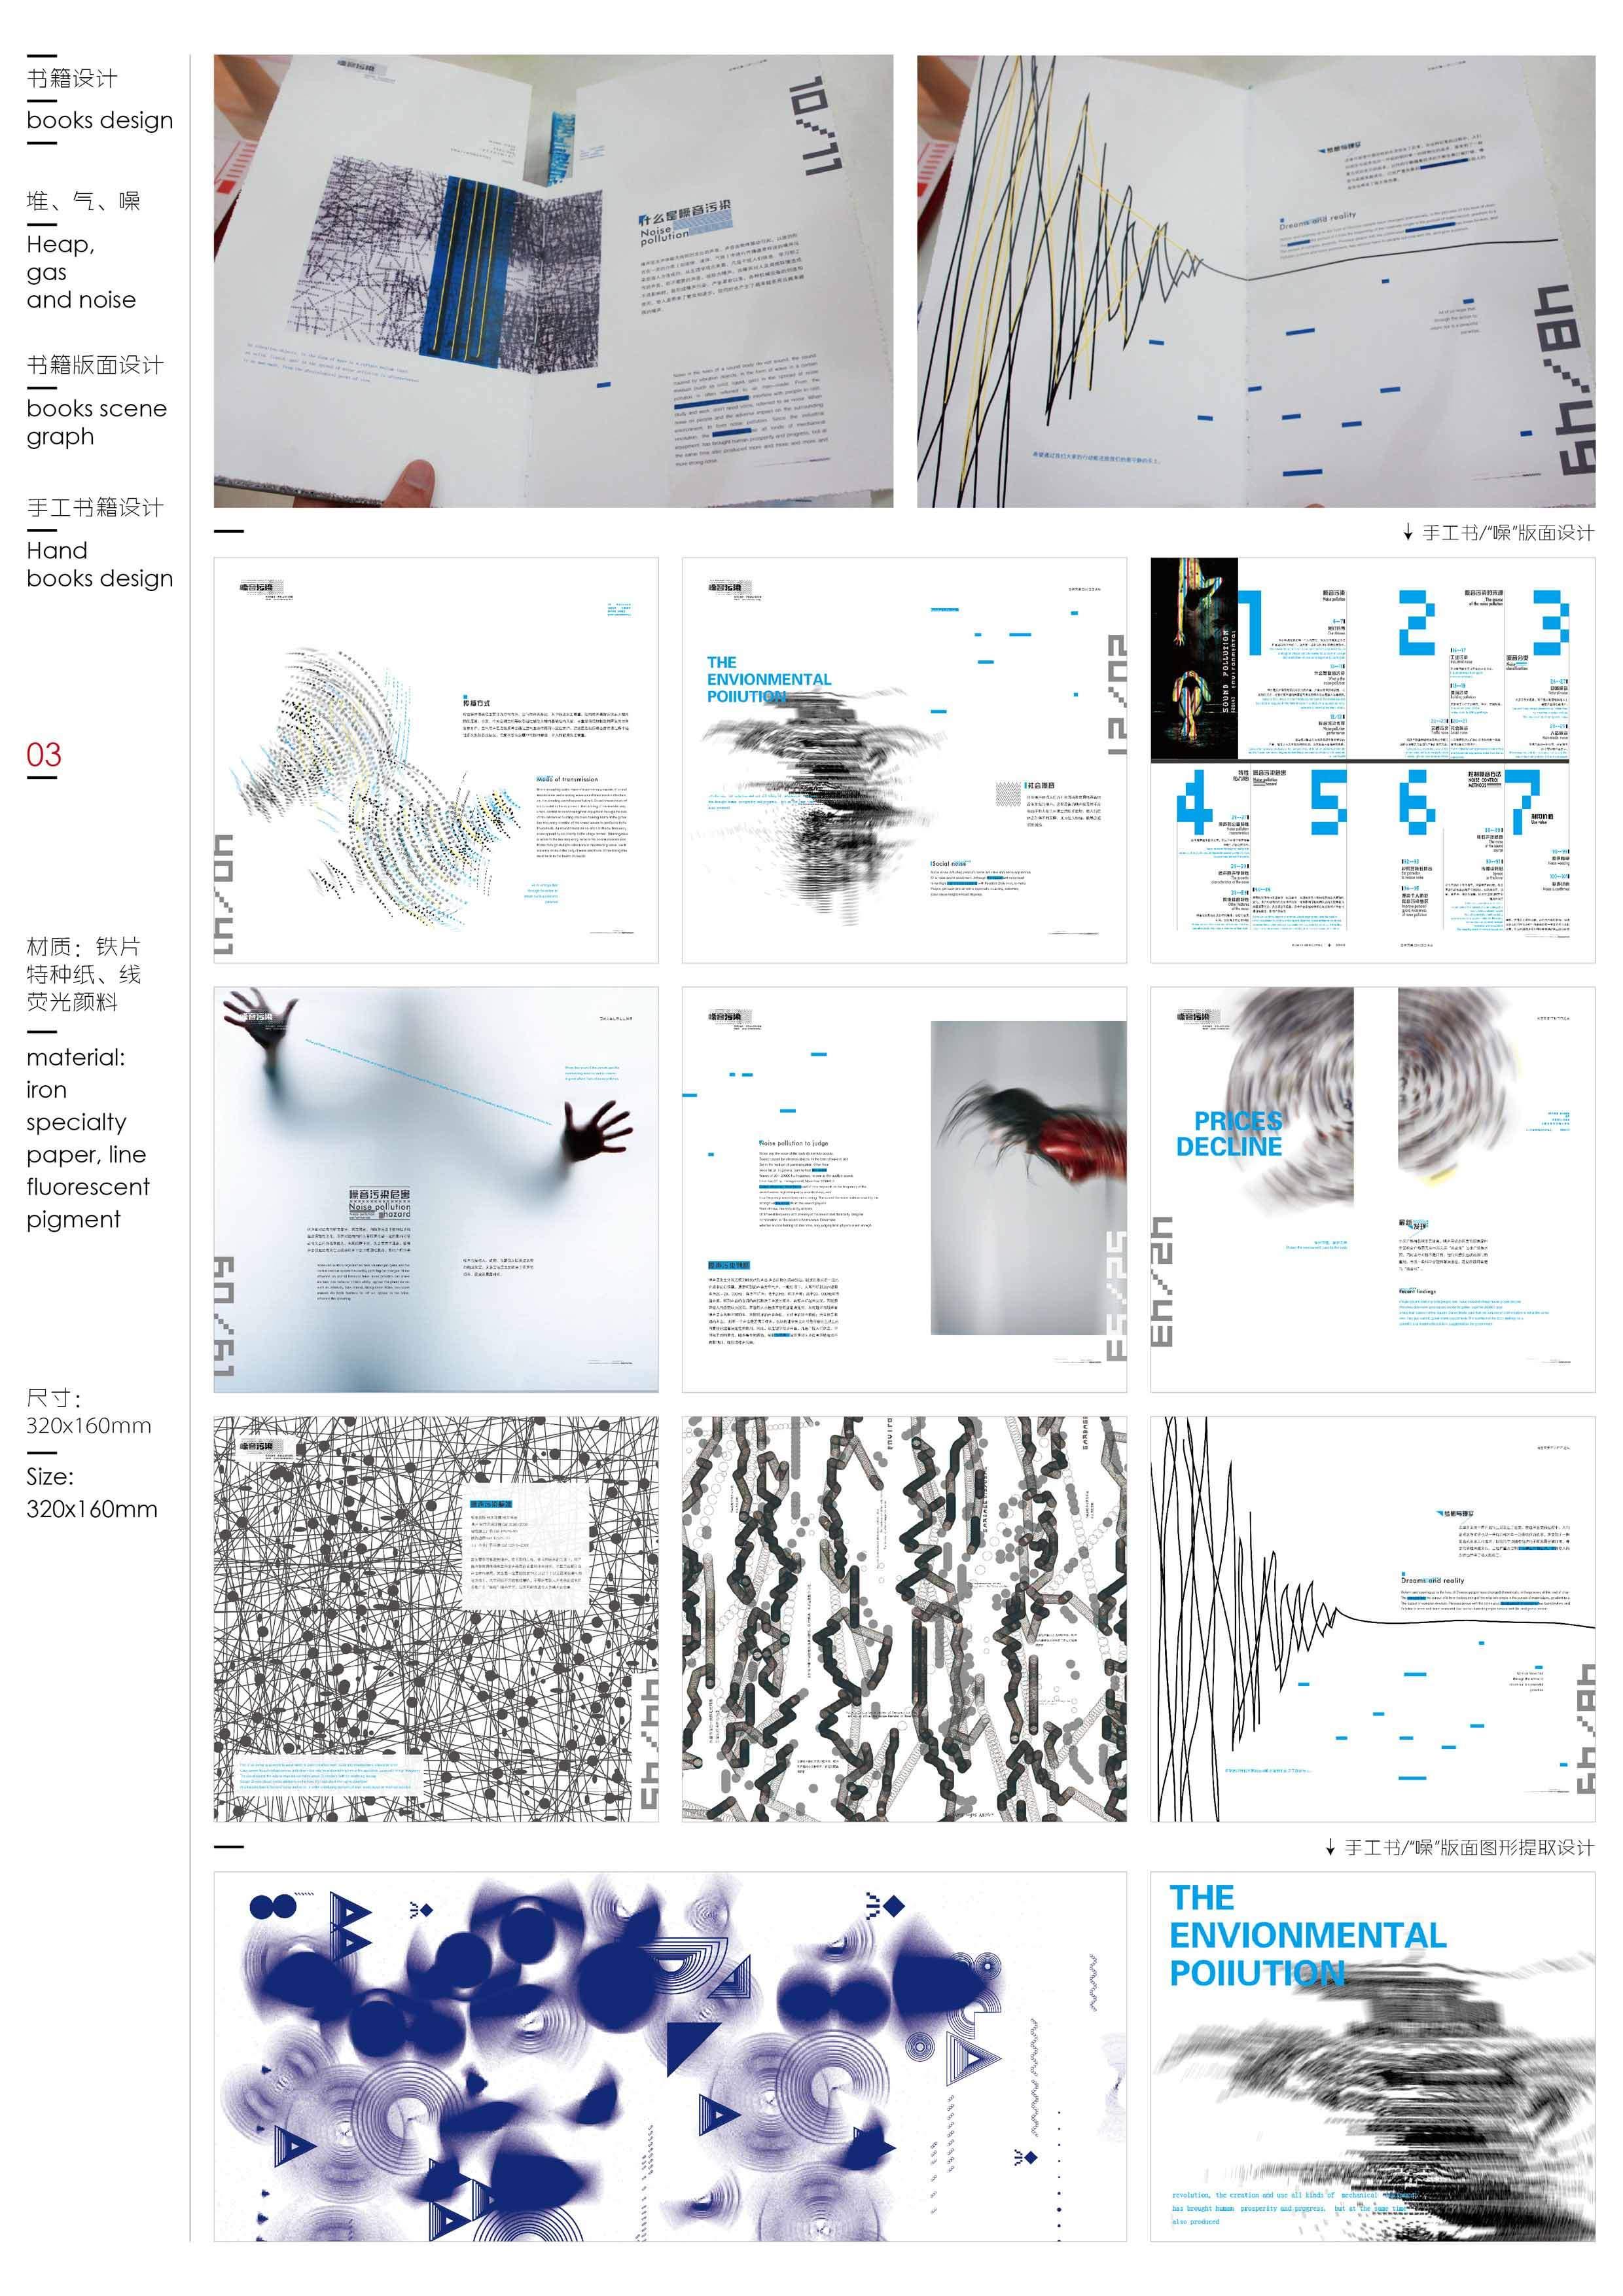 作品名称:噪堆气手工书籍设计